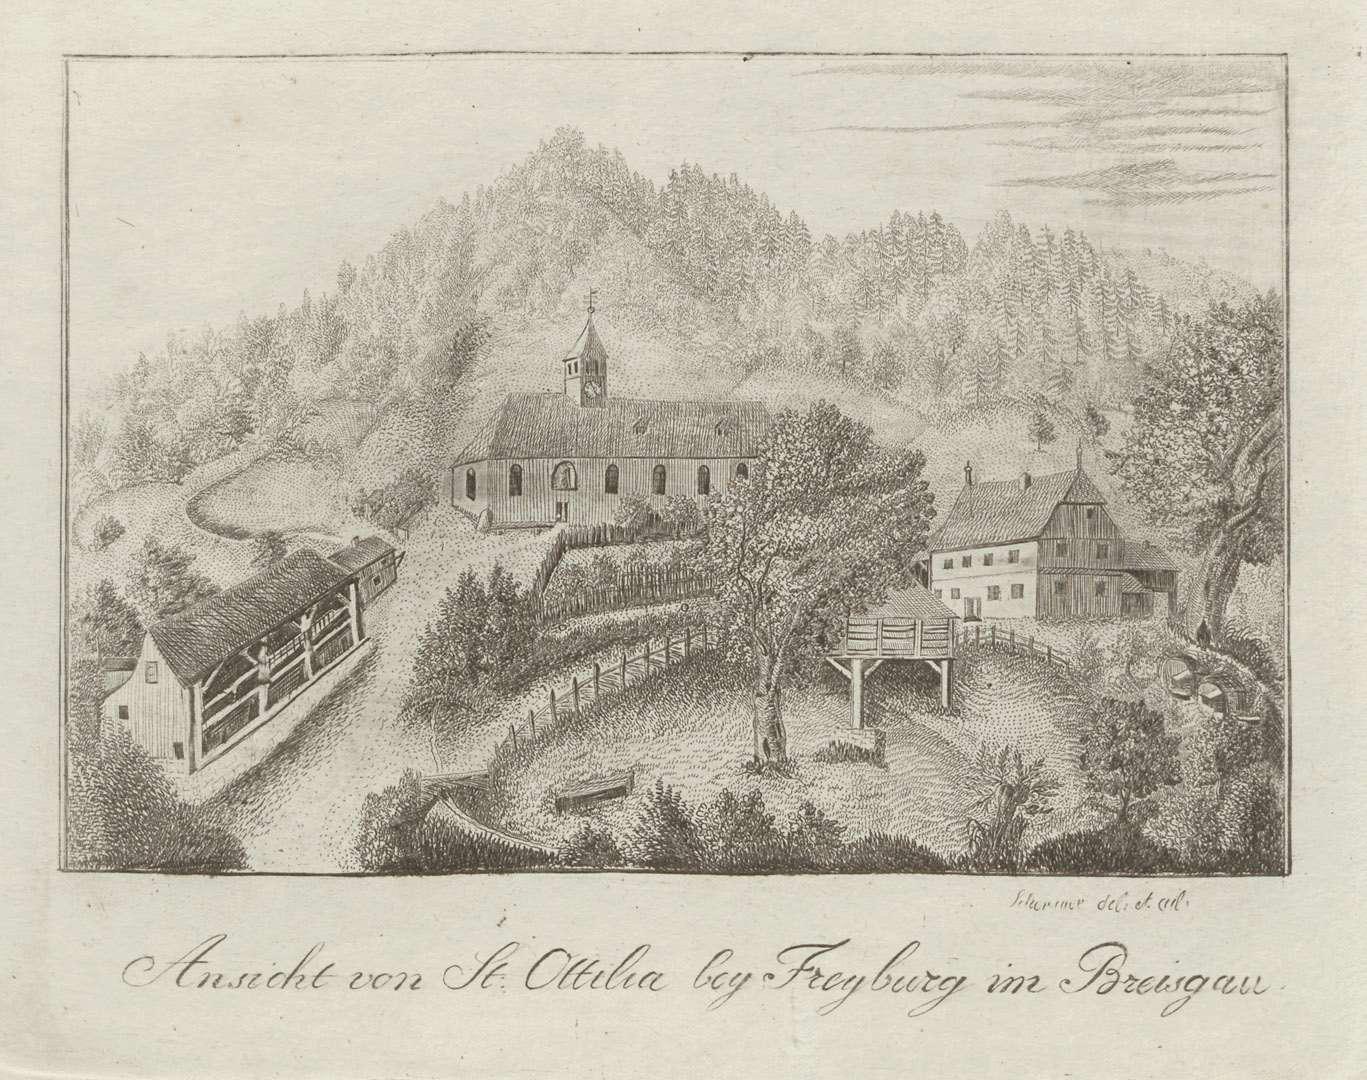 Ansicht von St. Ottilia bey Freyburg im Breisgau, Bild 1